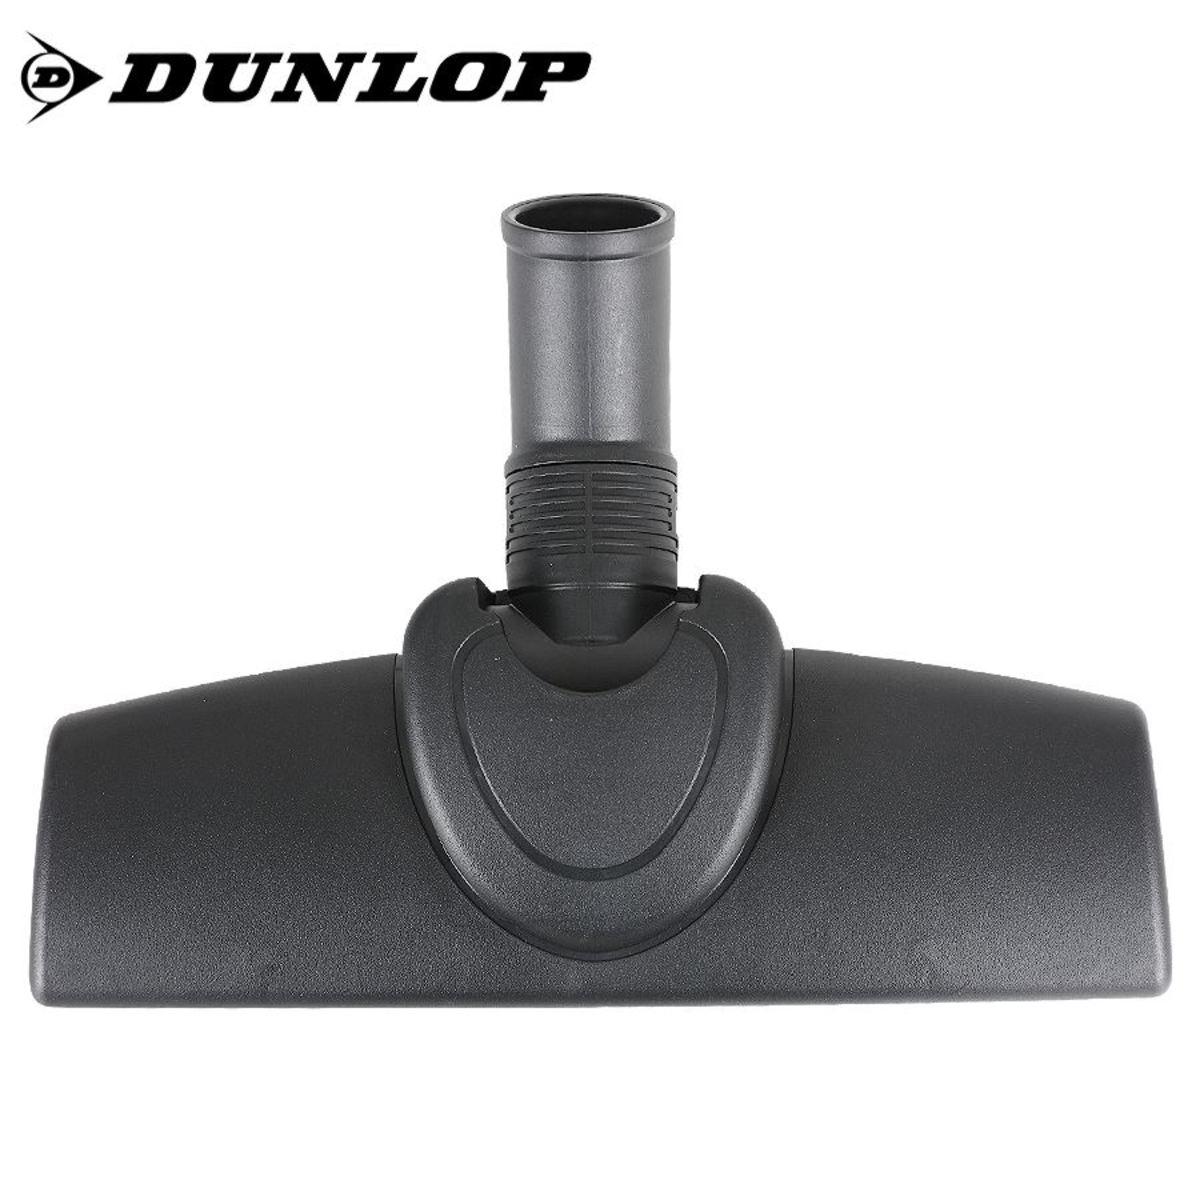 Bild 5 von Dunlop Beutel-Staubsauger VCH3002D-GS